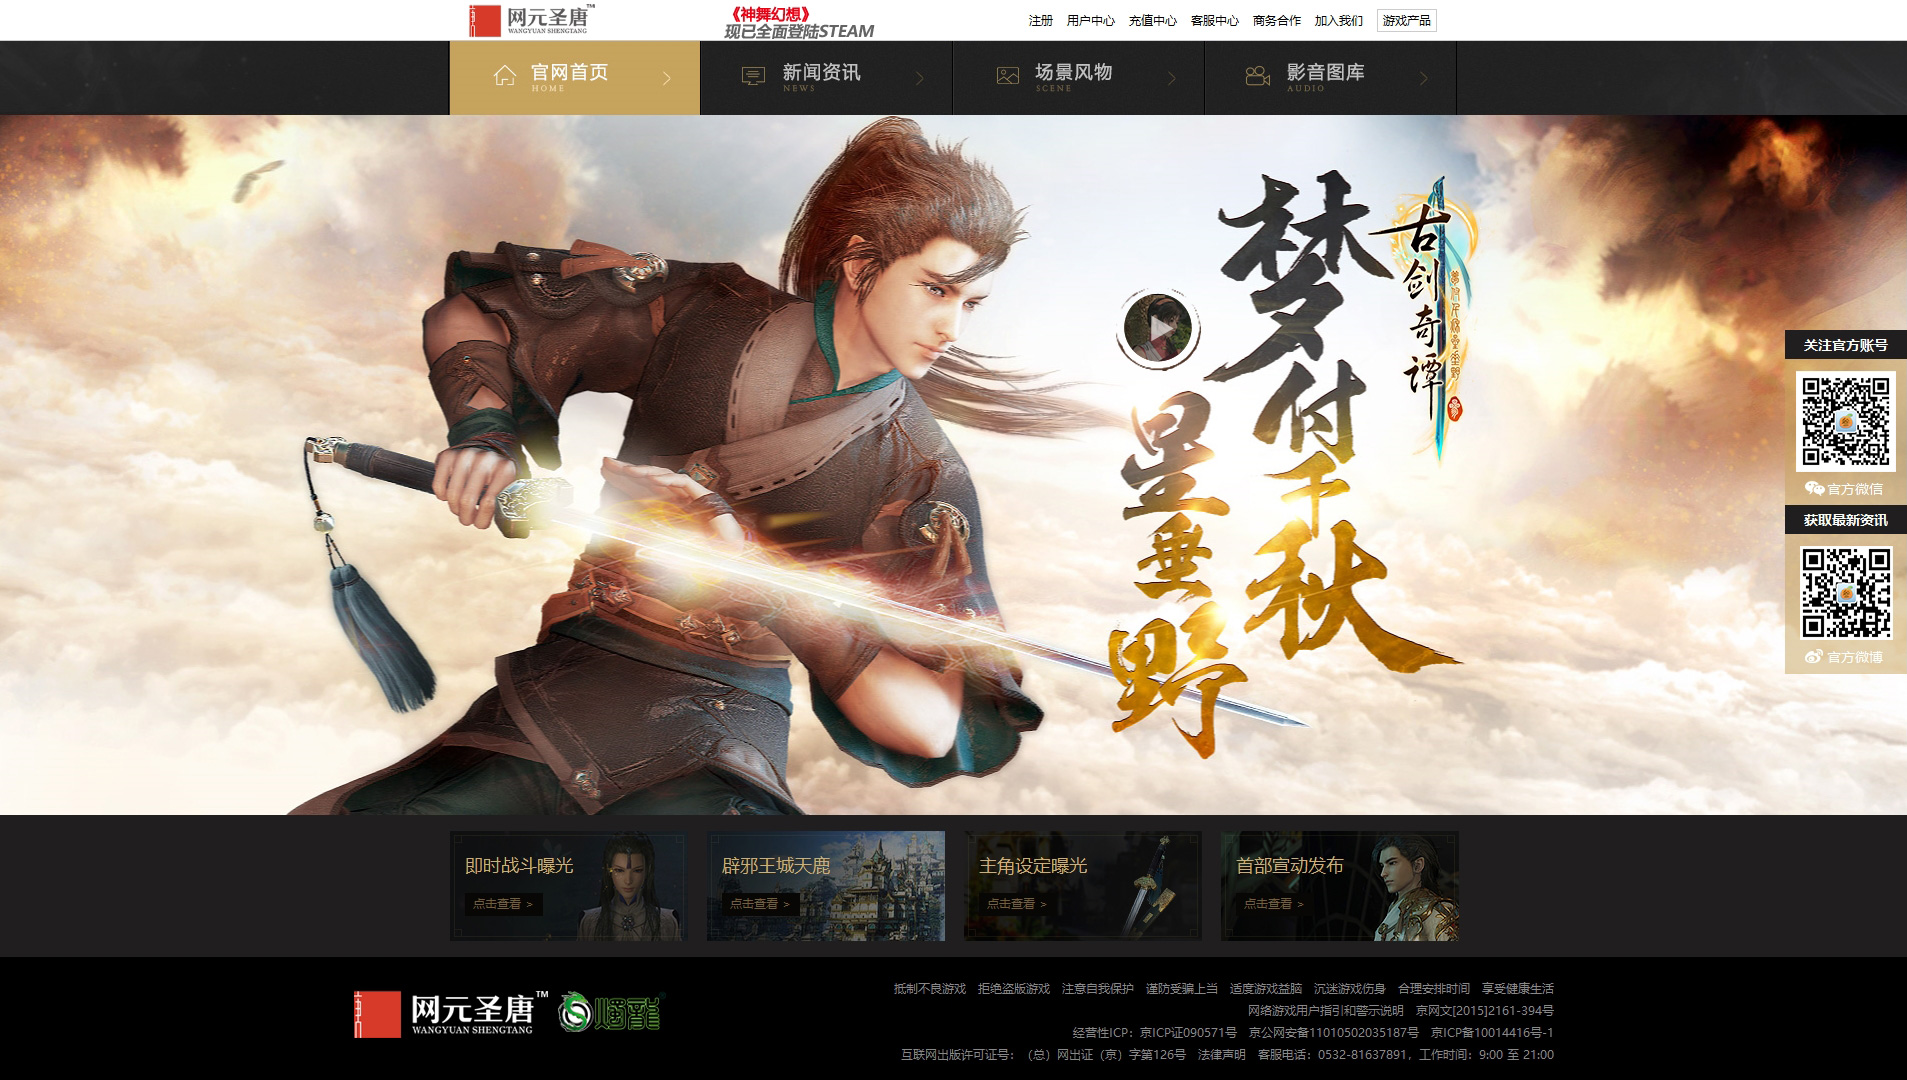 官网_《古剑奇谭三》第二支宣动及官网今日上线